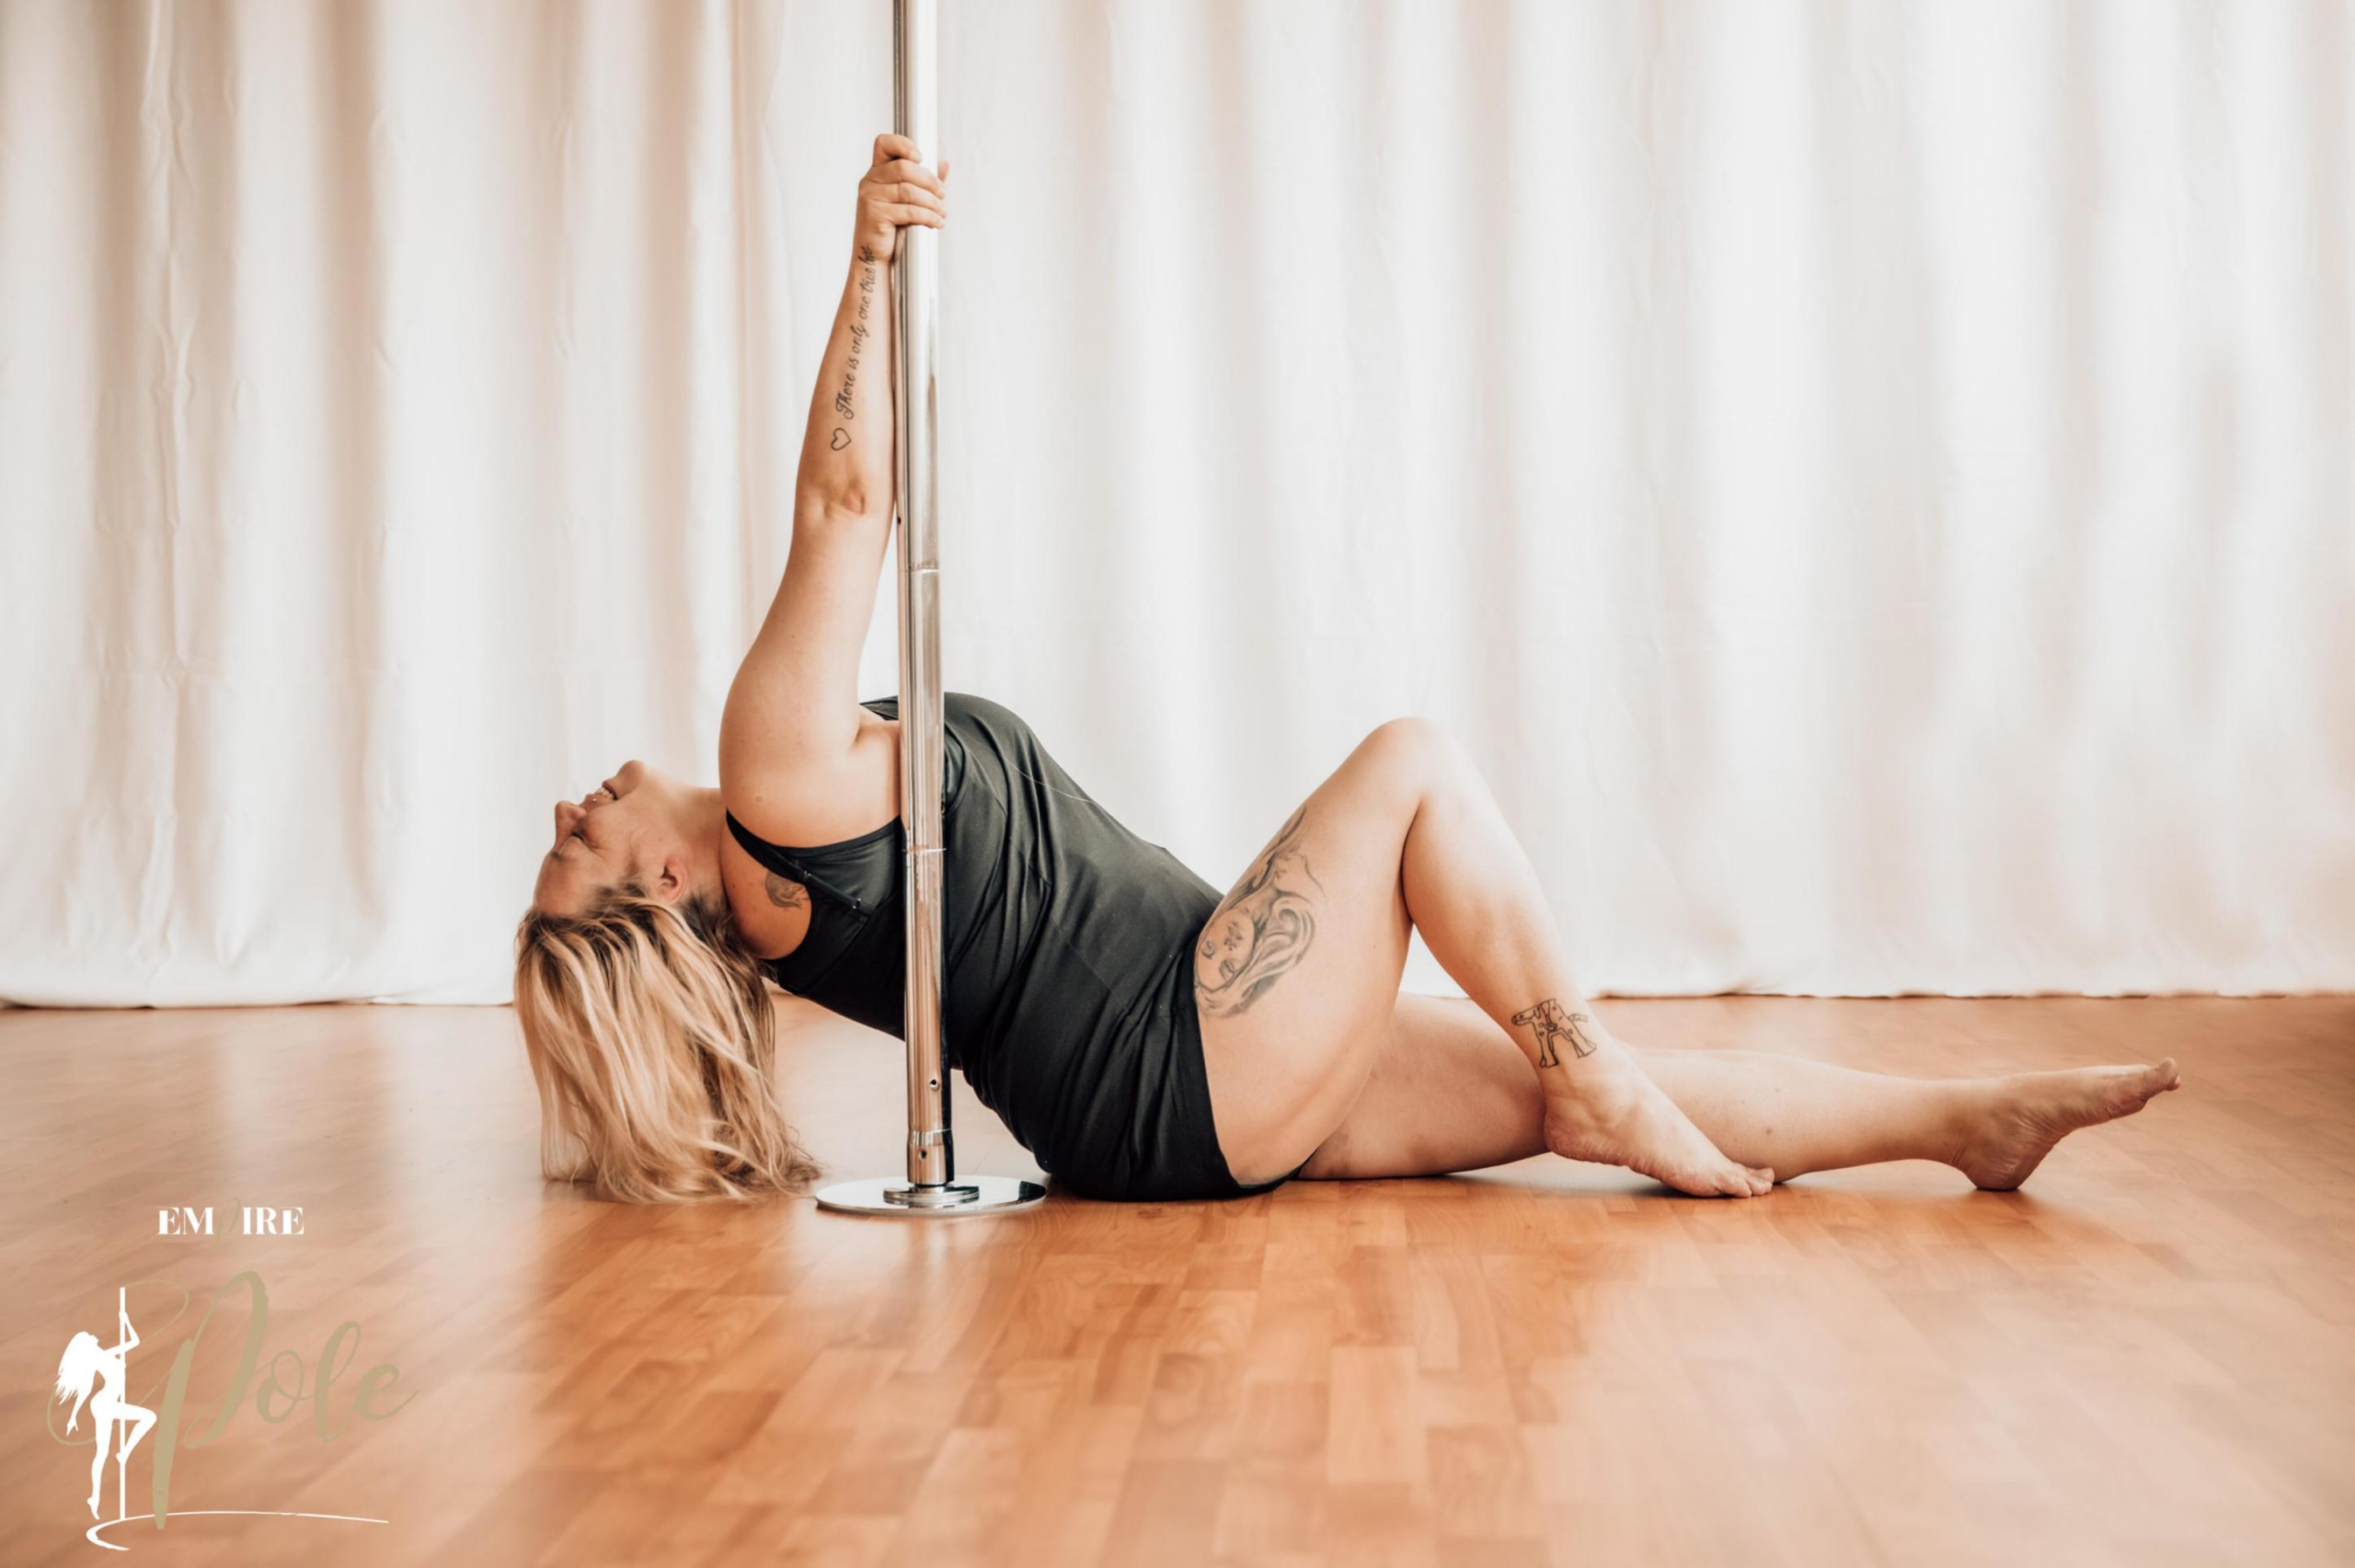 Pole Dance für Curvys: Diese Frau weiß wie es geht